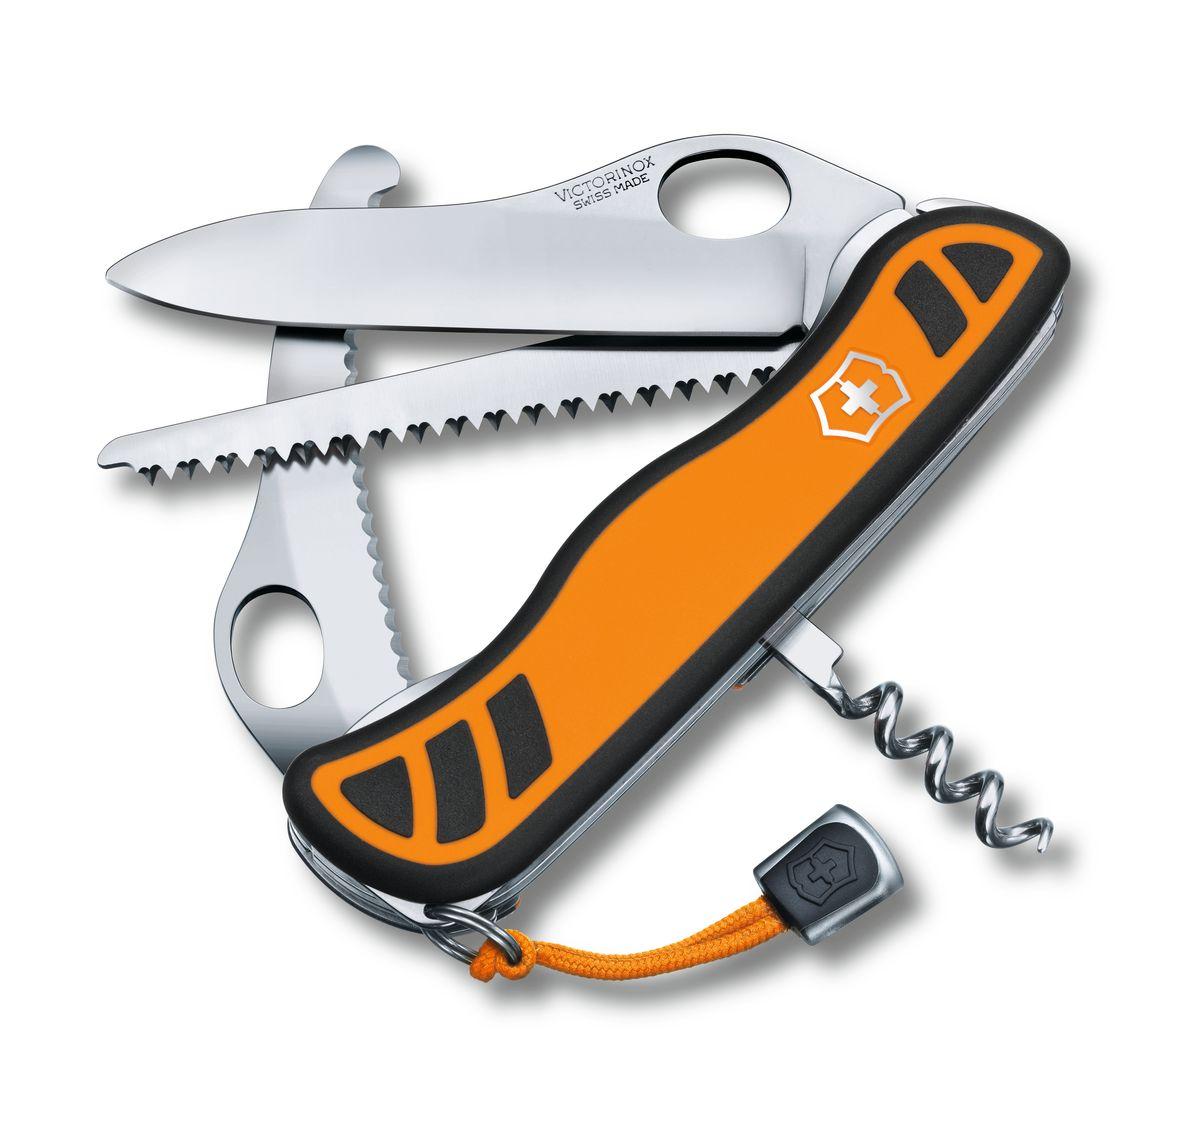 Нож перочинный Victorinox Hunter XT 0.8341.MC9, цвет: оранжевый, черный0.8341.MC9Перочинный нож HUNTER XT имеет 6 функций: 1. Фиксирующееся лезвие с петлёй для открывания одной рукой 2. Штопор 3. Большое фиксирующееся лезвие для разделки туш 4. Пила по дереву5. Кольцо для ключей 6. Шнурок на рукуЦвет рукояти: жёлтый/чёрный